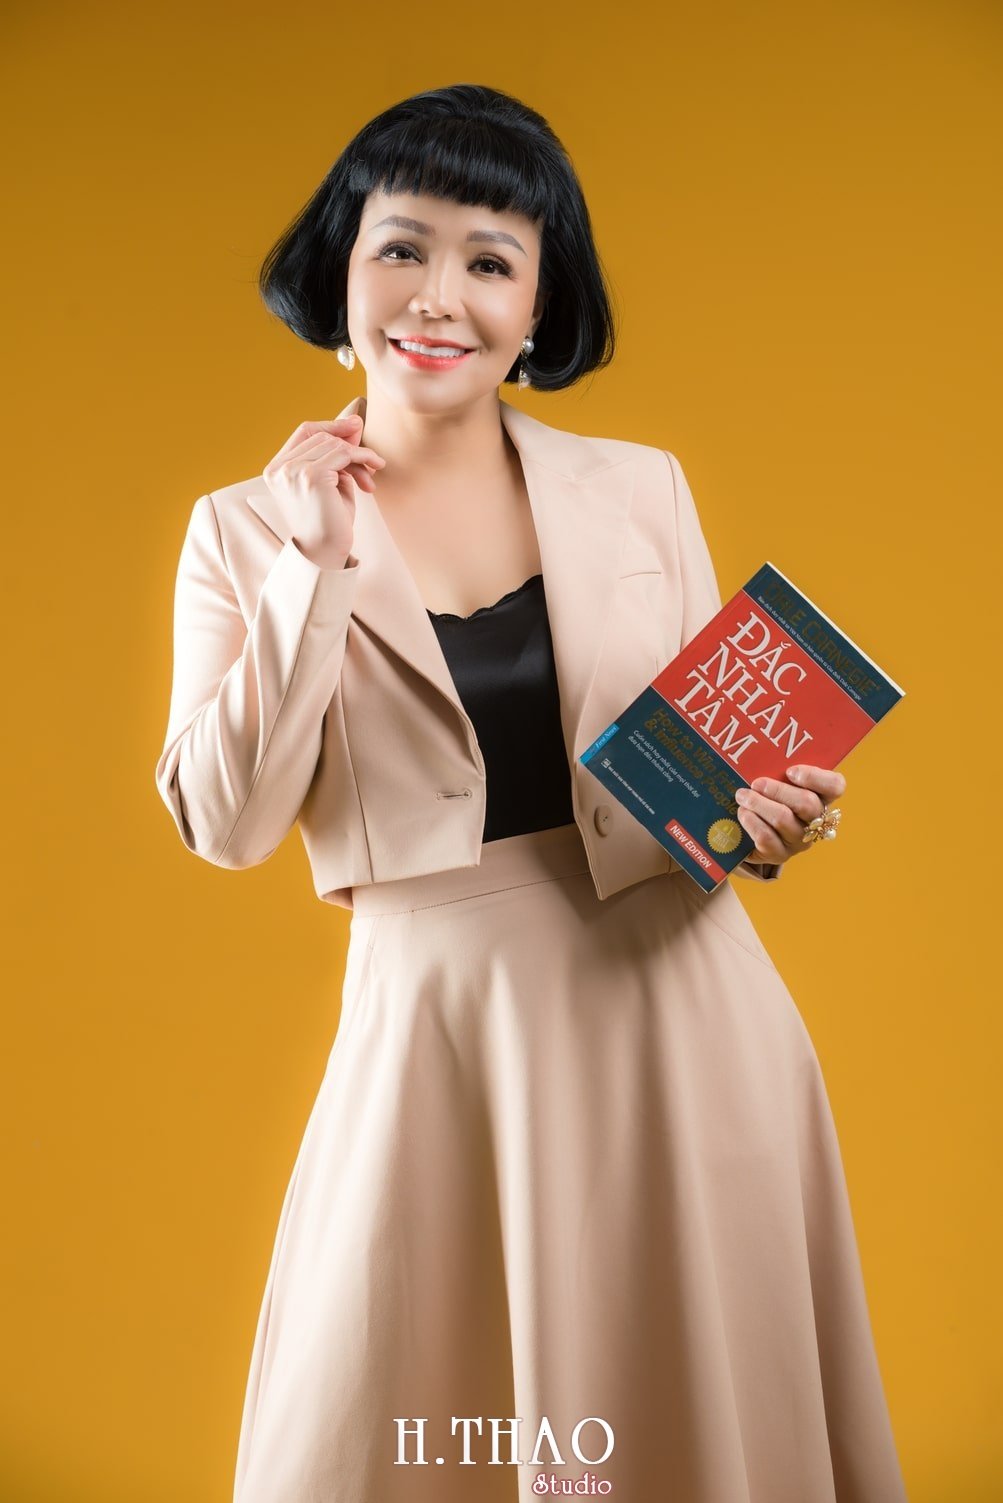 Doanh nhan dao tao 9 - Album nữ doanh nhân ngành đào tạo giải pháp Hoàng Dung